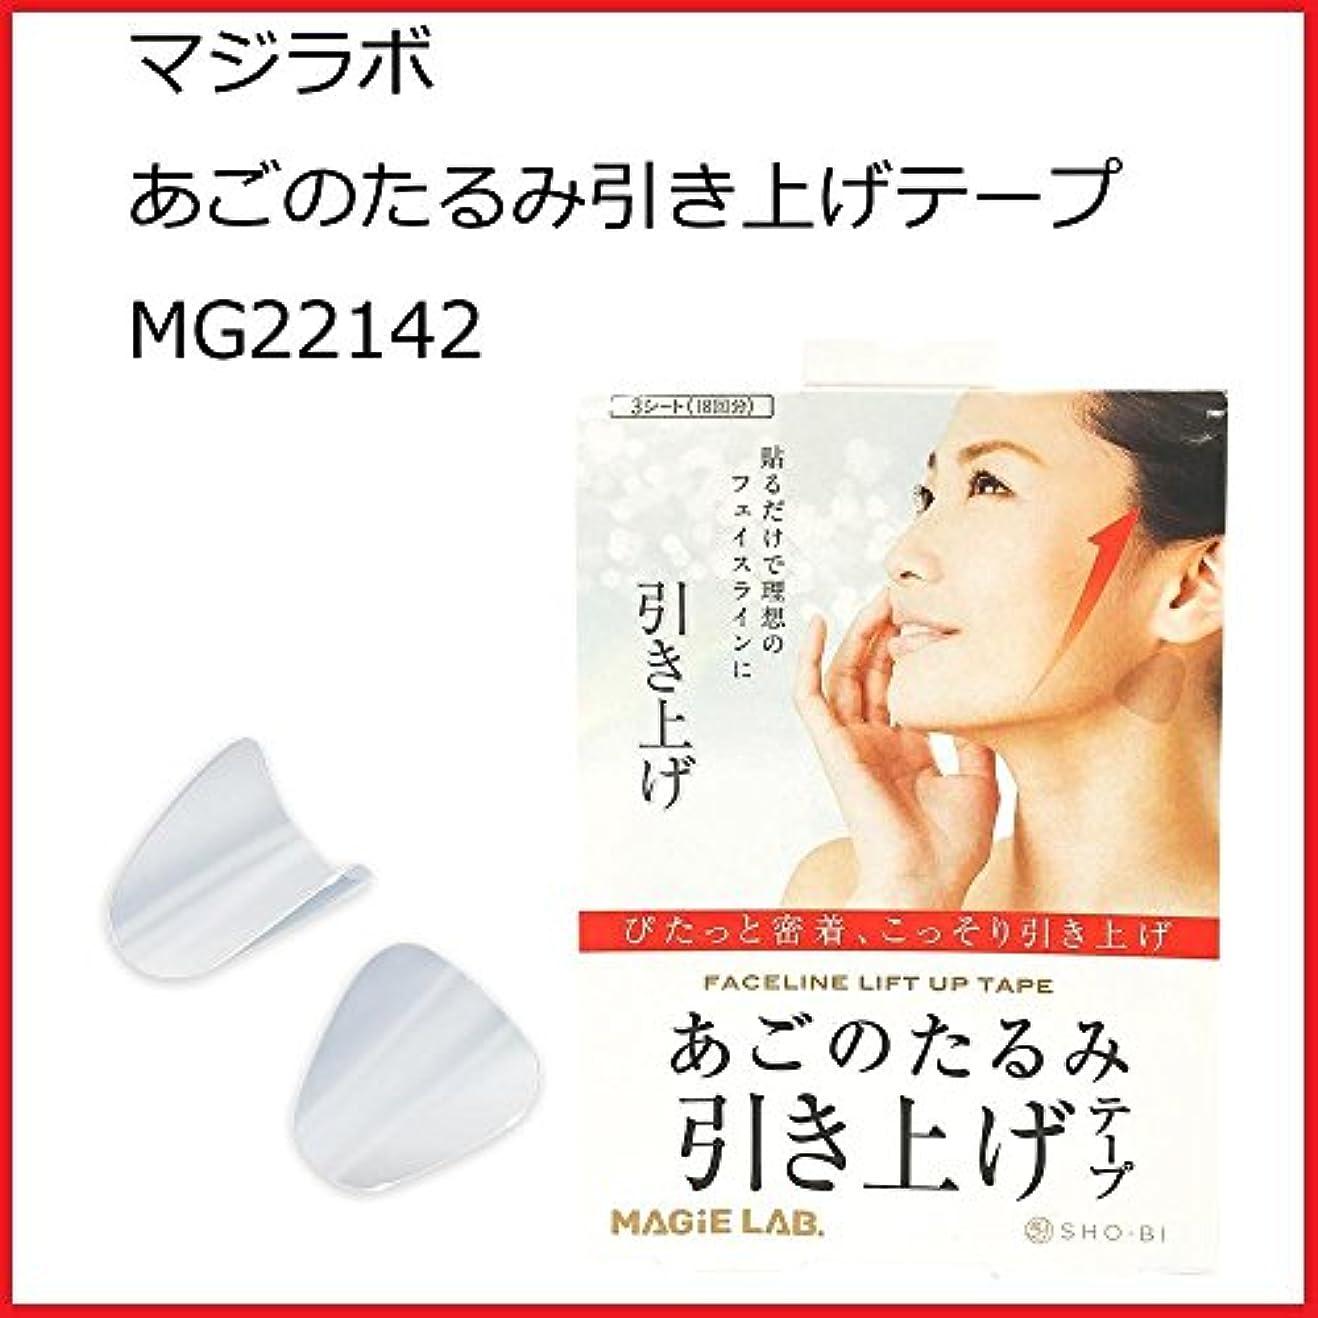 振る舞う成人期確立マジラボ あごのたるみ引き上げテープ MG22142